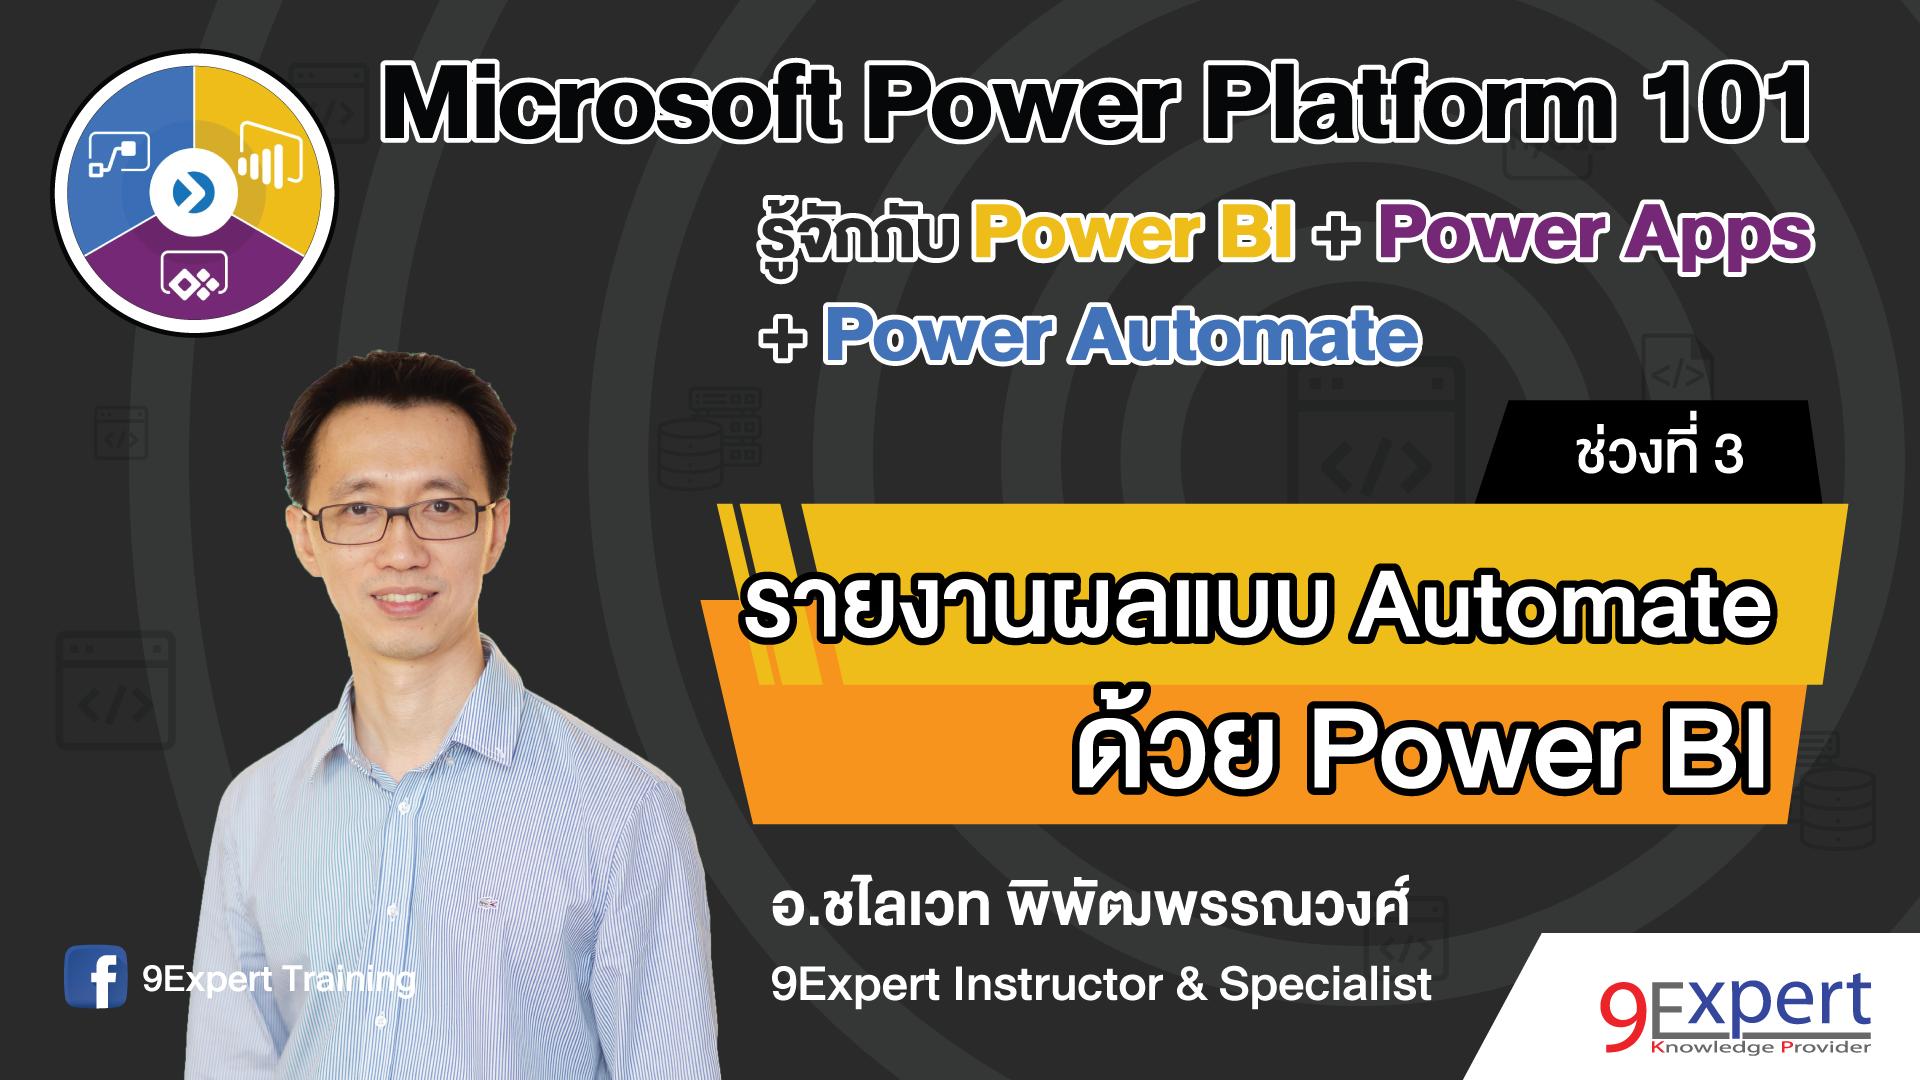 แนะนำการสร้าง Realtime Automatic Dashboard ด้วย Microsoft Power BI